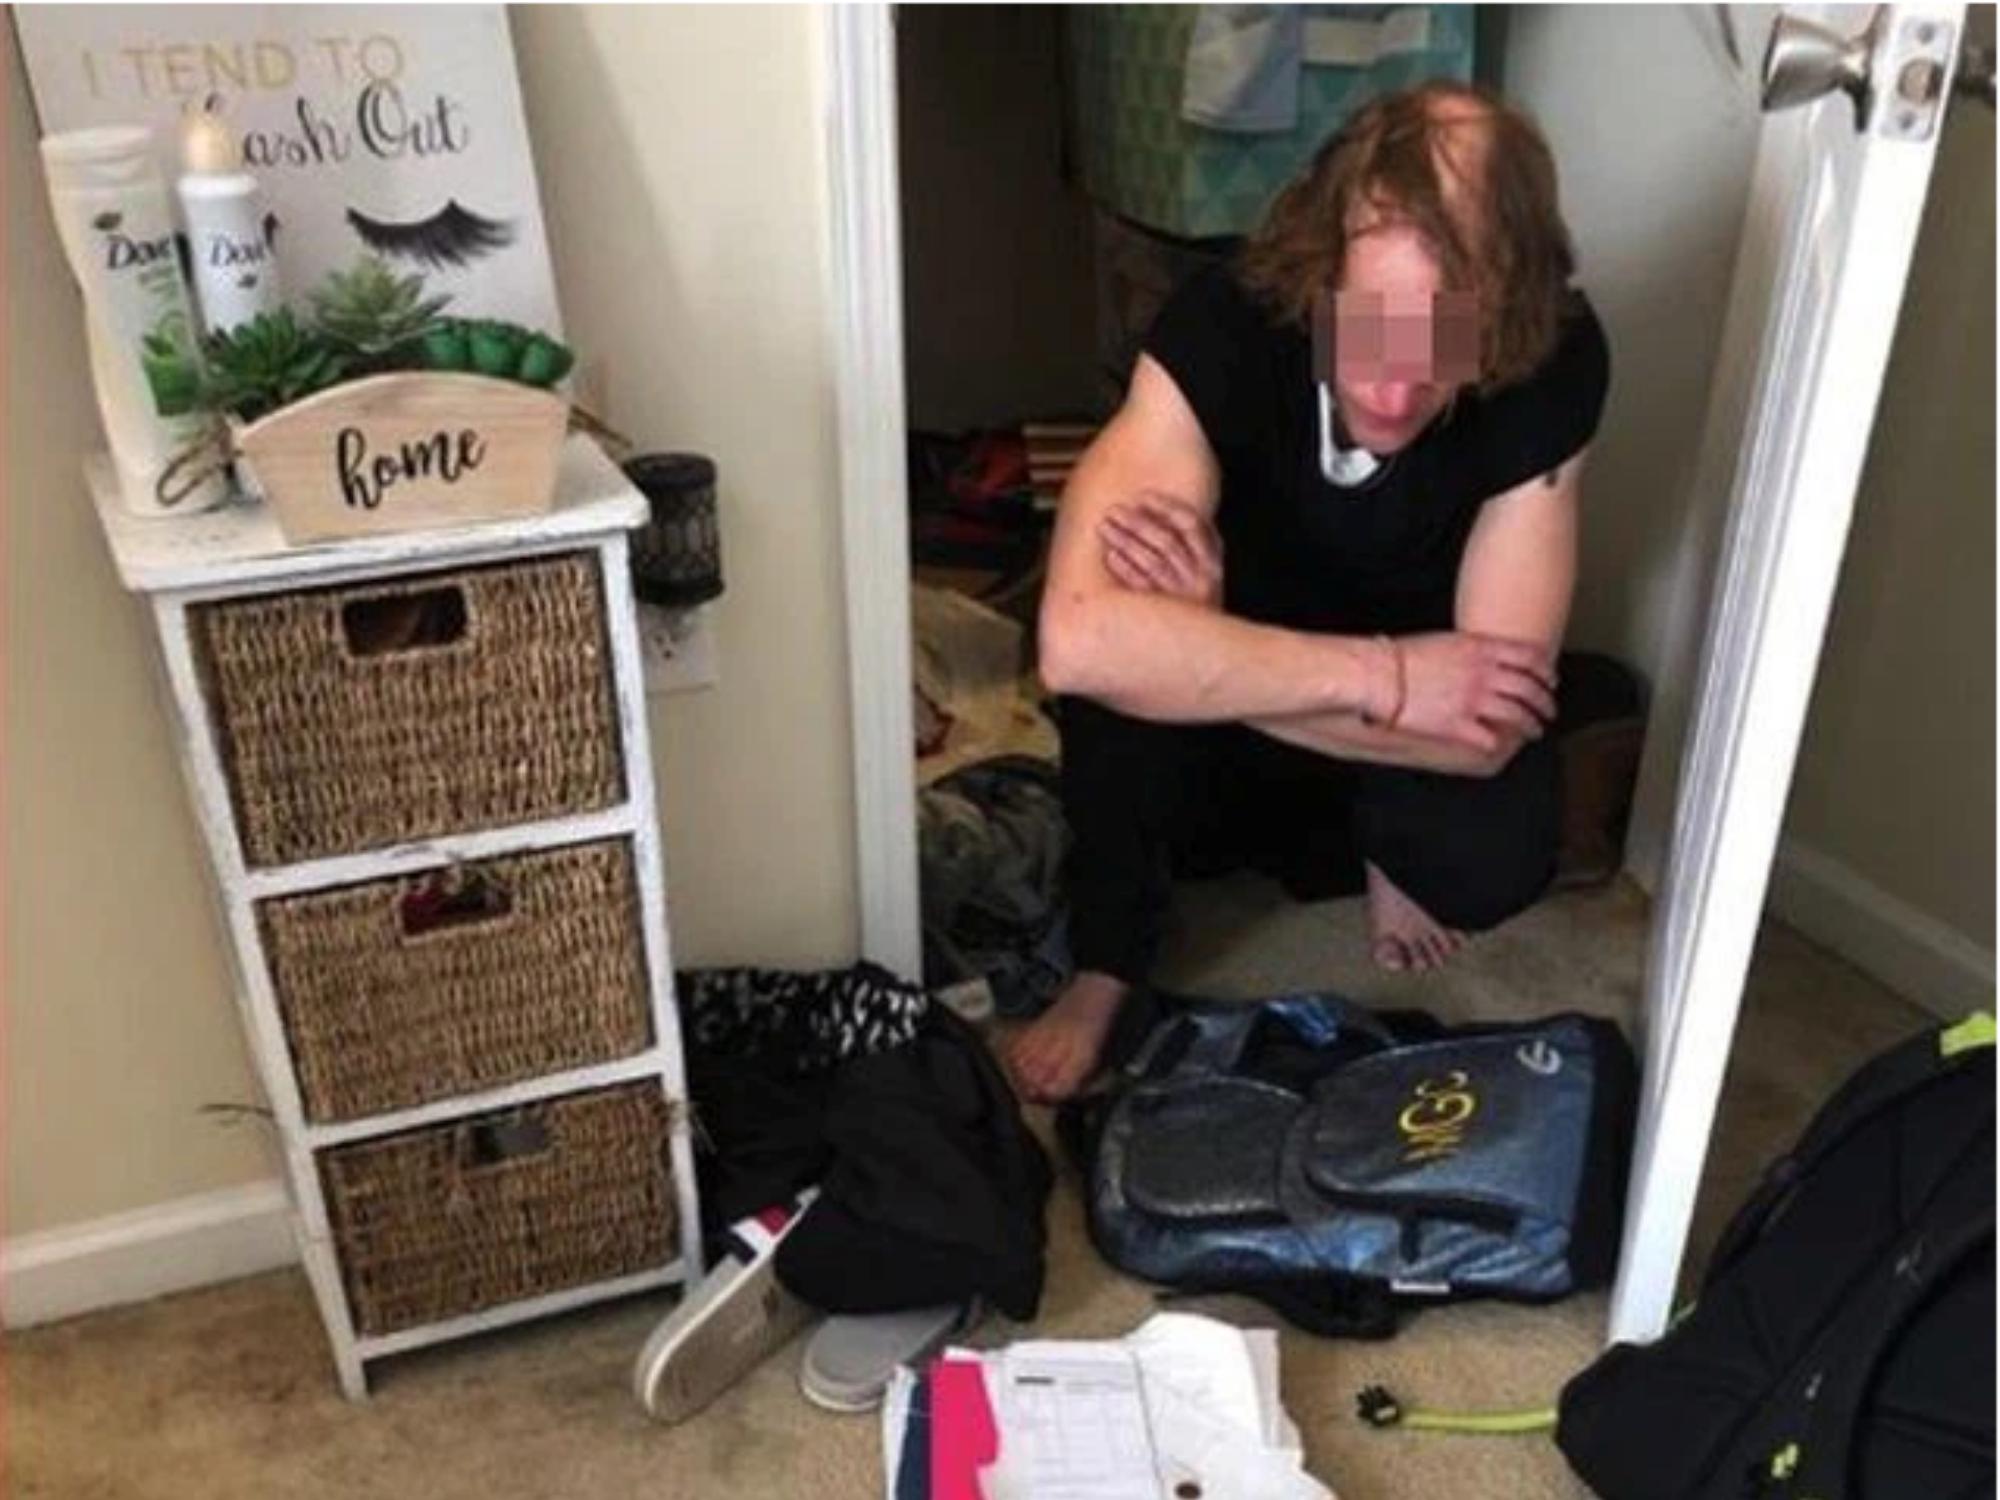 Thiếu nữ 15 tuổi lén giấu 'sugar daddy' trong tủ quần áo suốt nhiều năm để 'vui vẻ' bên nhau, bố mẹ 'chết đứng' khi phát hiện sự thật